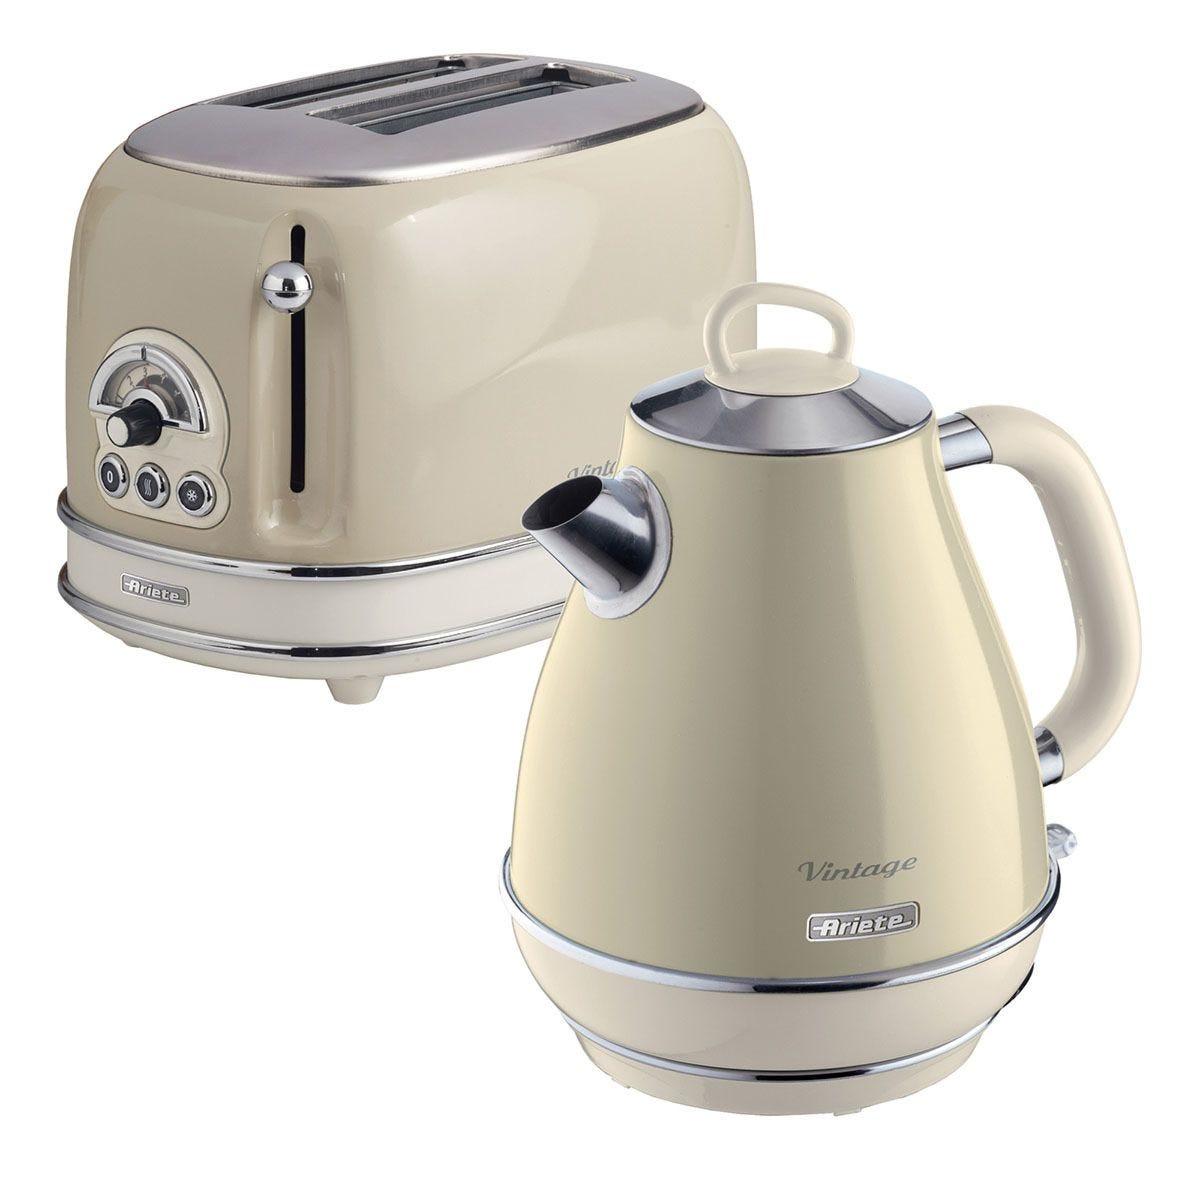 Ariete ARPK1 Vintage 2–Slice Toaster and 1.7L Fast Boil Jug Kettle – Cream